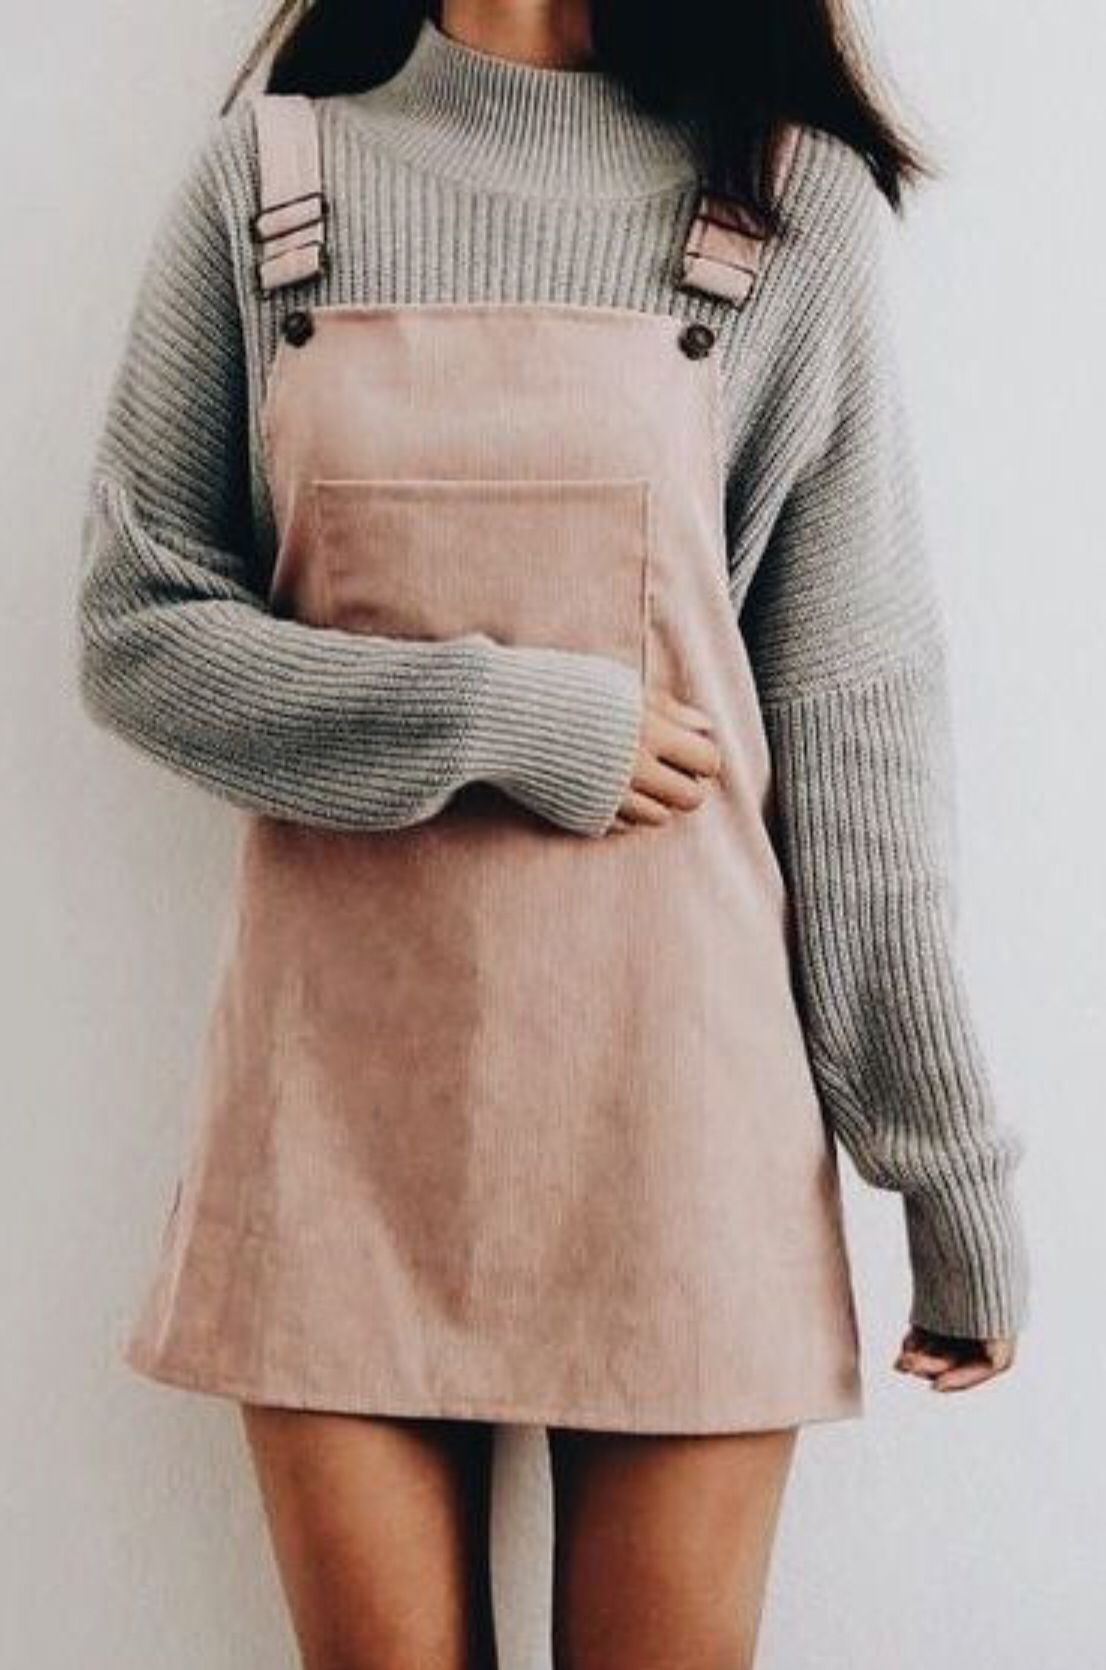 Un look teenage années 90 avec cette robe chasuble en velours rose clair et ...  Un look adolescent des années 90 avec cette robe chasuble en velours rose clair et son pull col ch #annees #avec #cette #chasuble #clair #Robe #Rose #teenage #velours